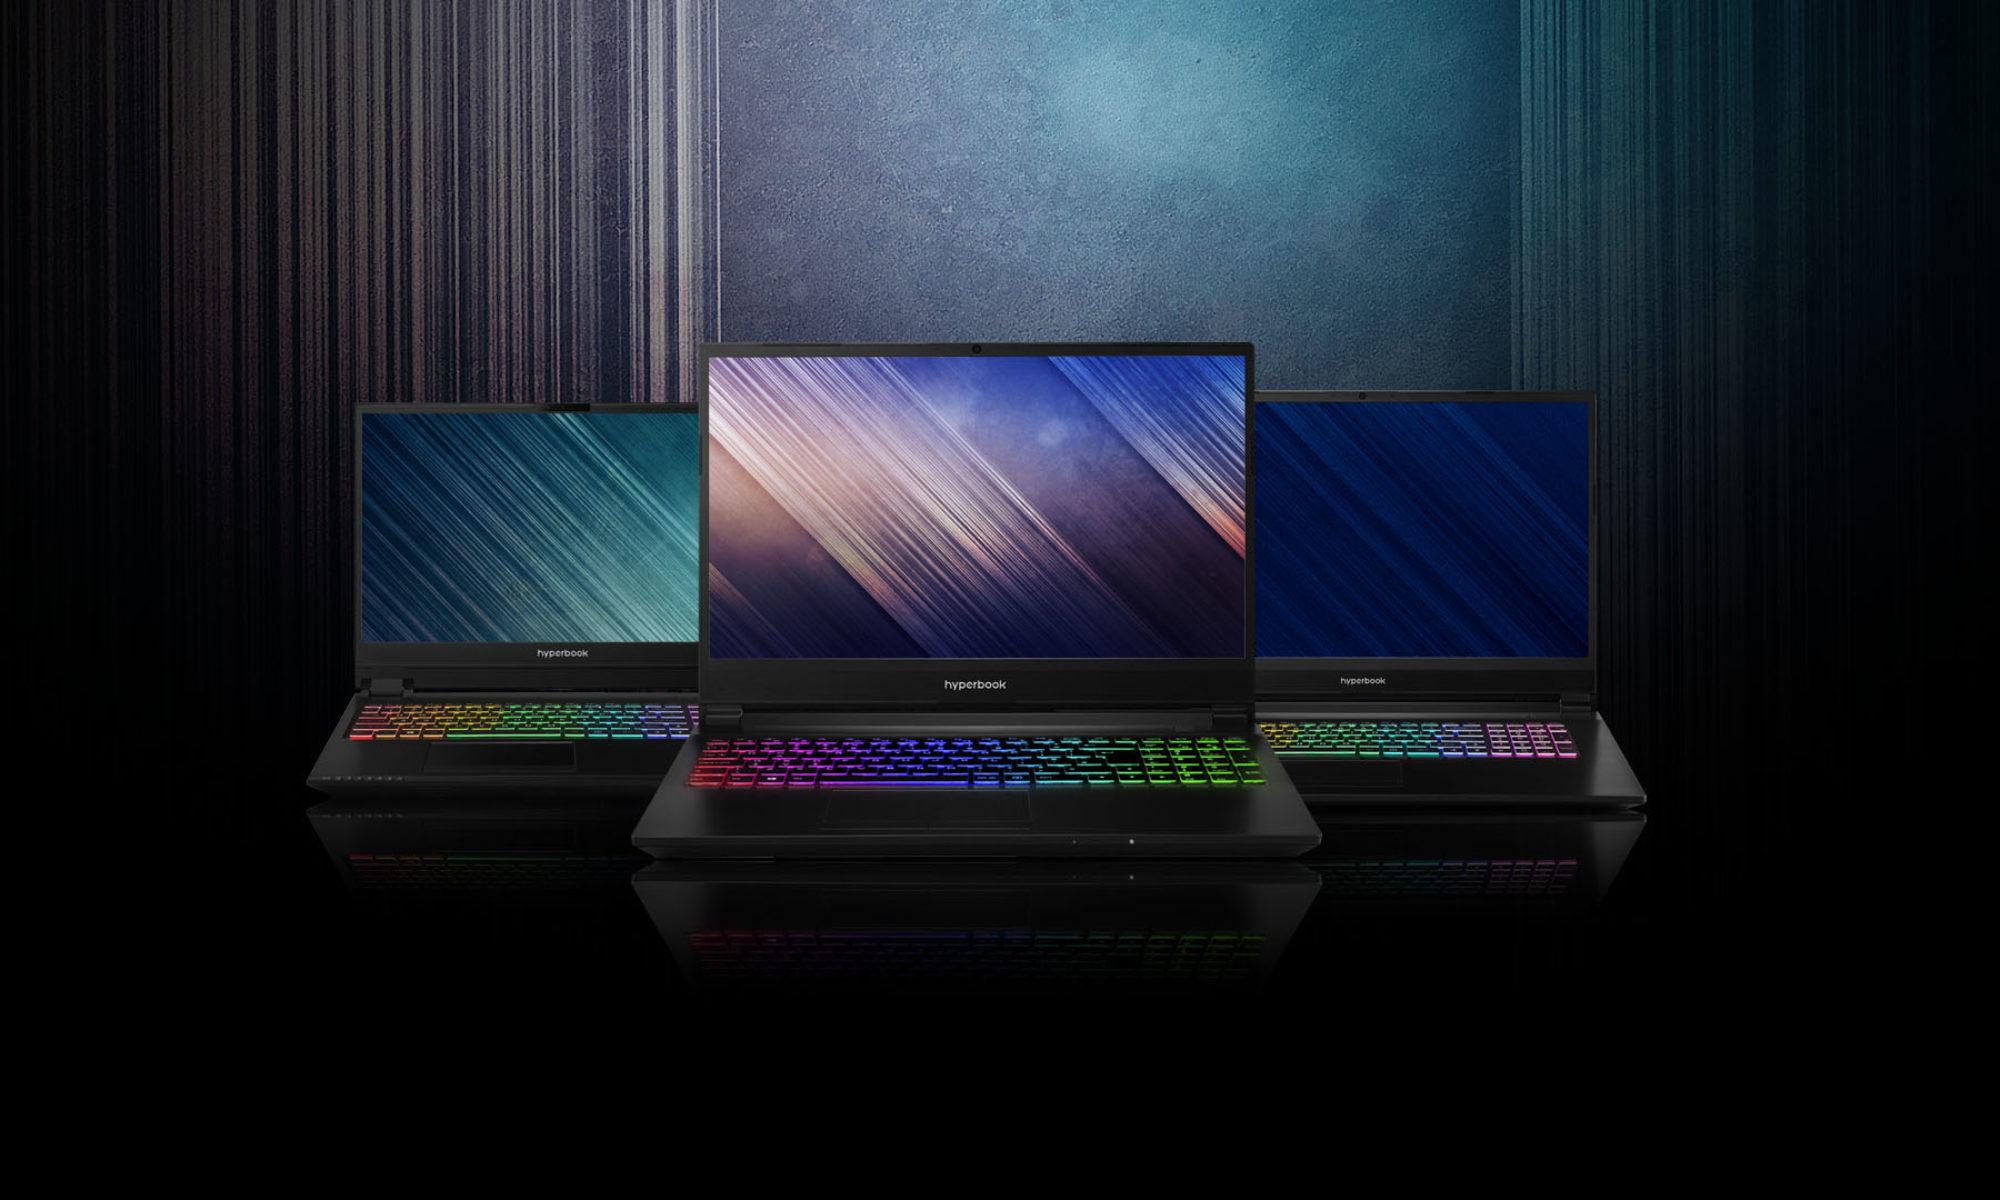 Clevo - laptopy konfigurowalne